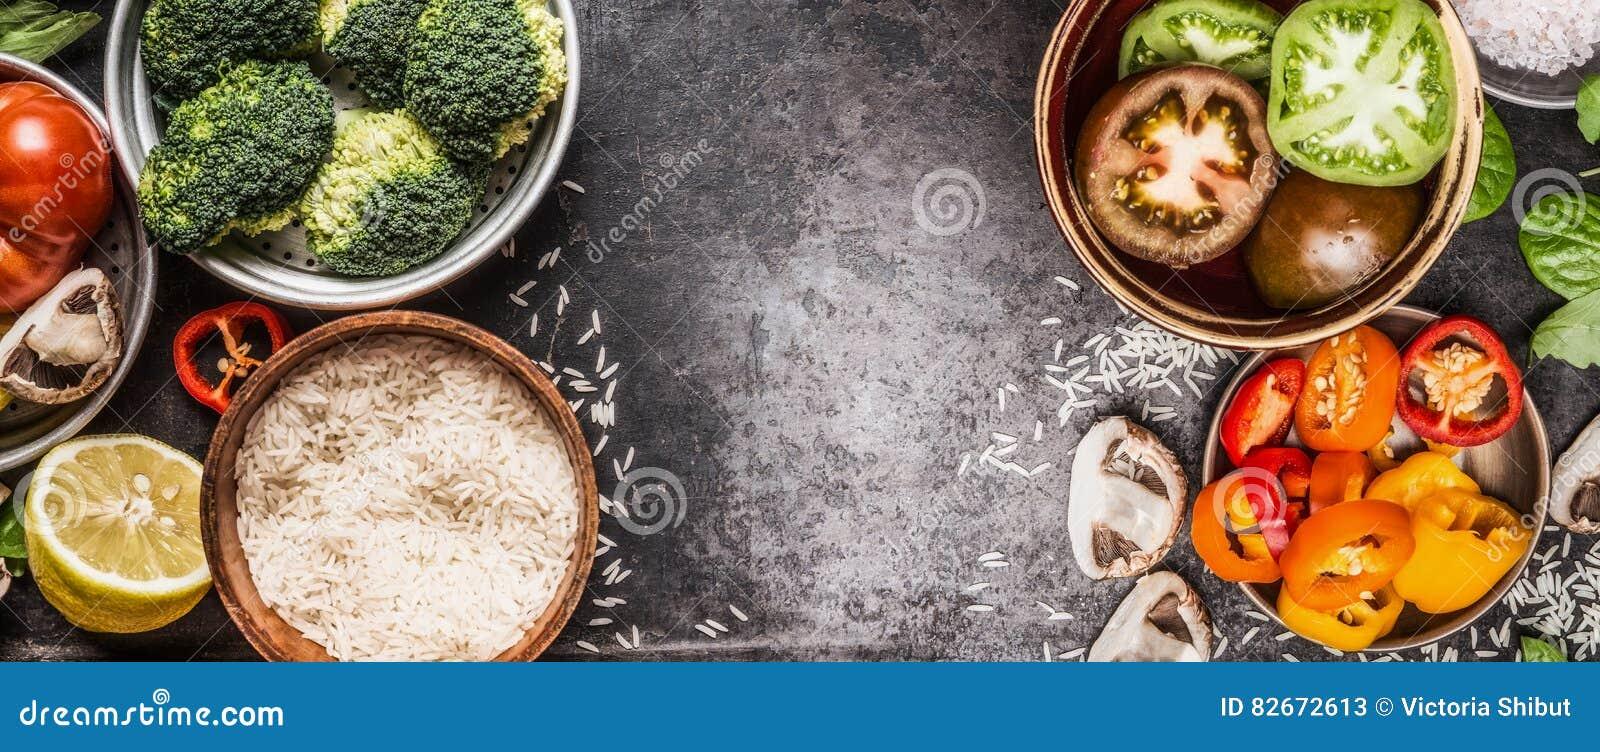 Arroz e vegetais que cozinham ingredientes em umas bacias no fundo rústico escuro, bandeira Alimento saudável e do vegetariano ou